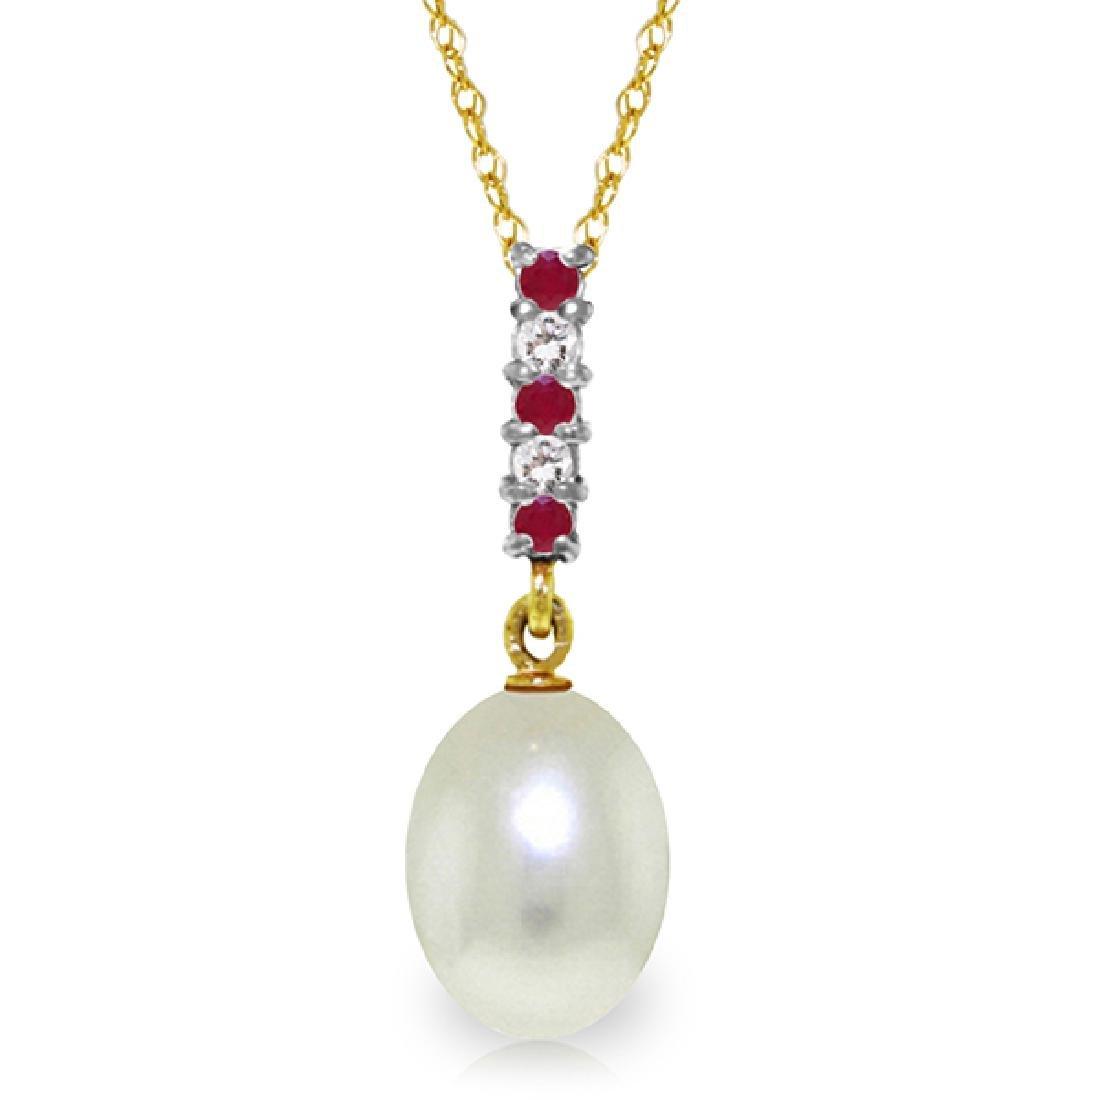 Genuine 4.15 ctw Pearl, Ruby & Diamond Necklace Jewelry